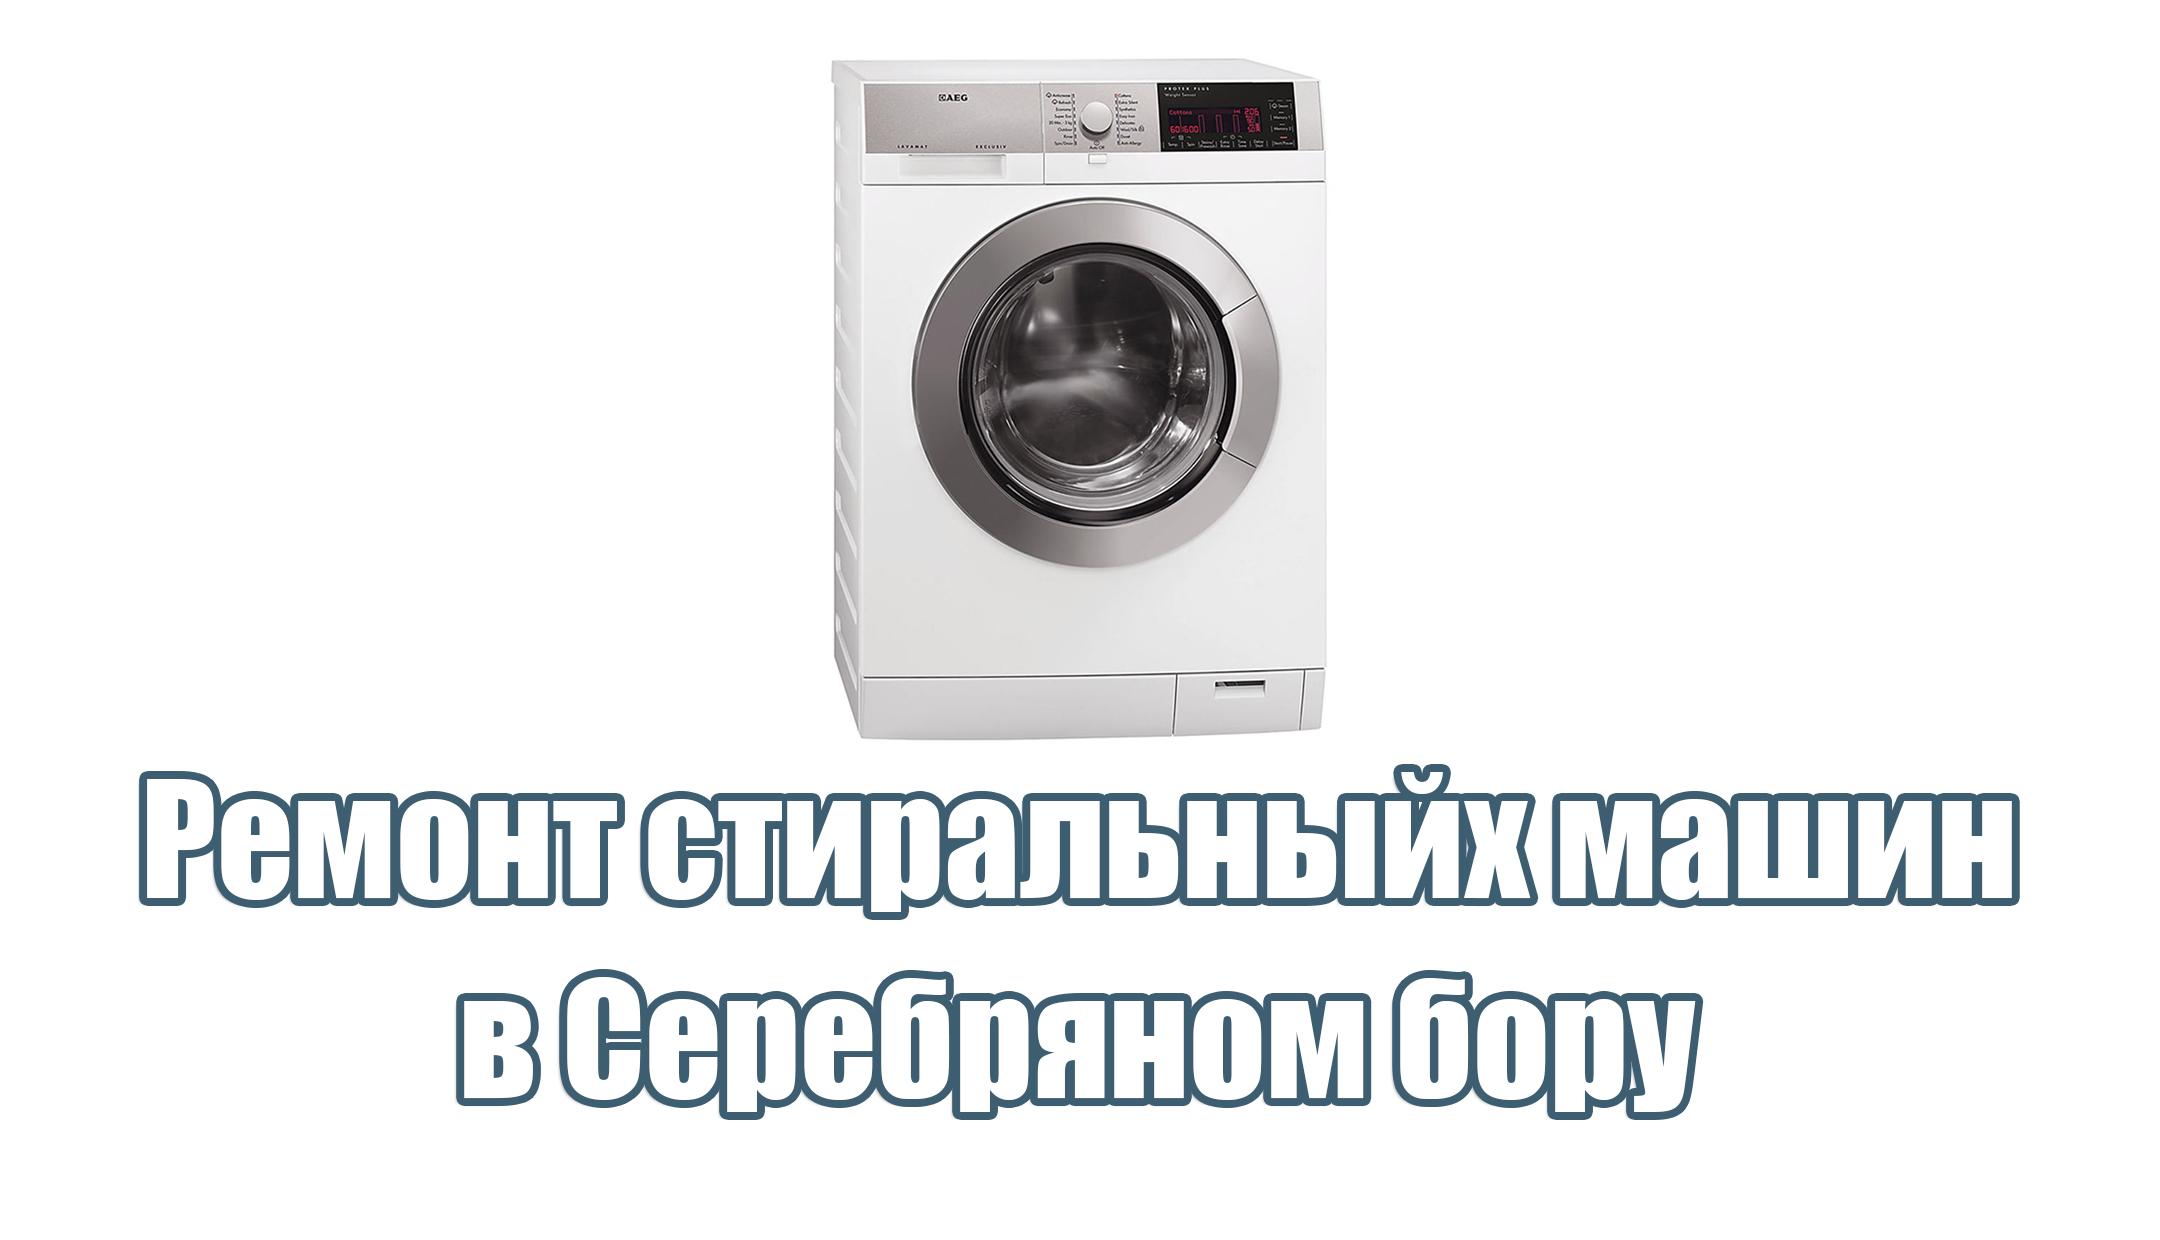 Ремонт стиральных машин в Серебряном бору